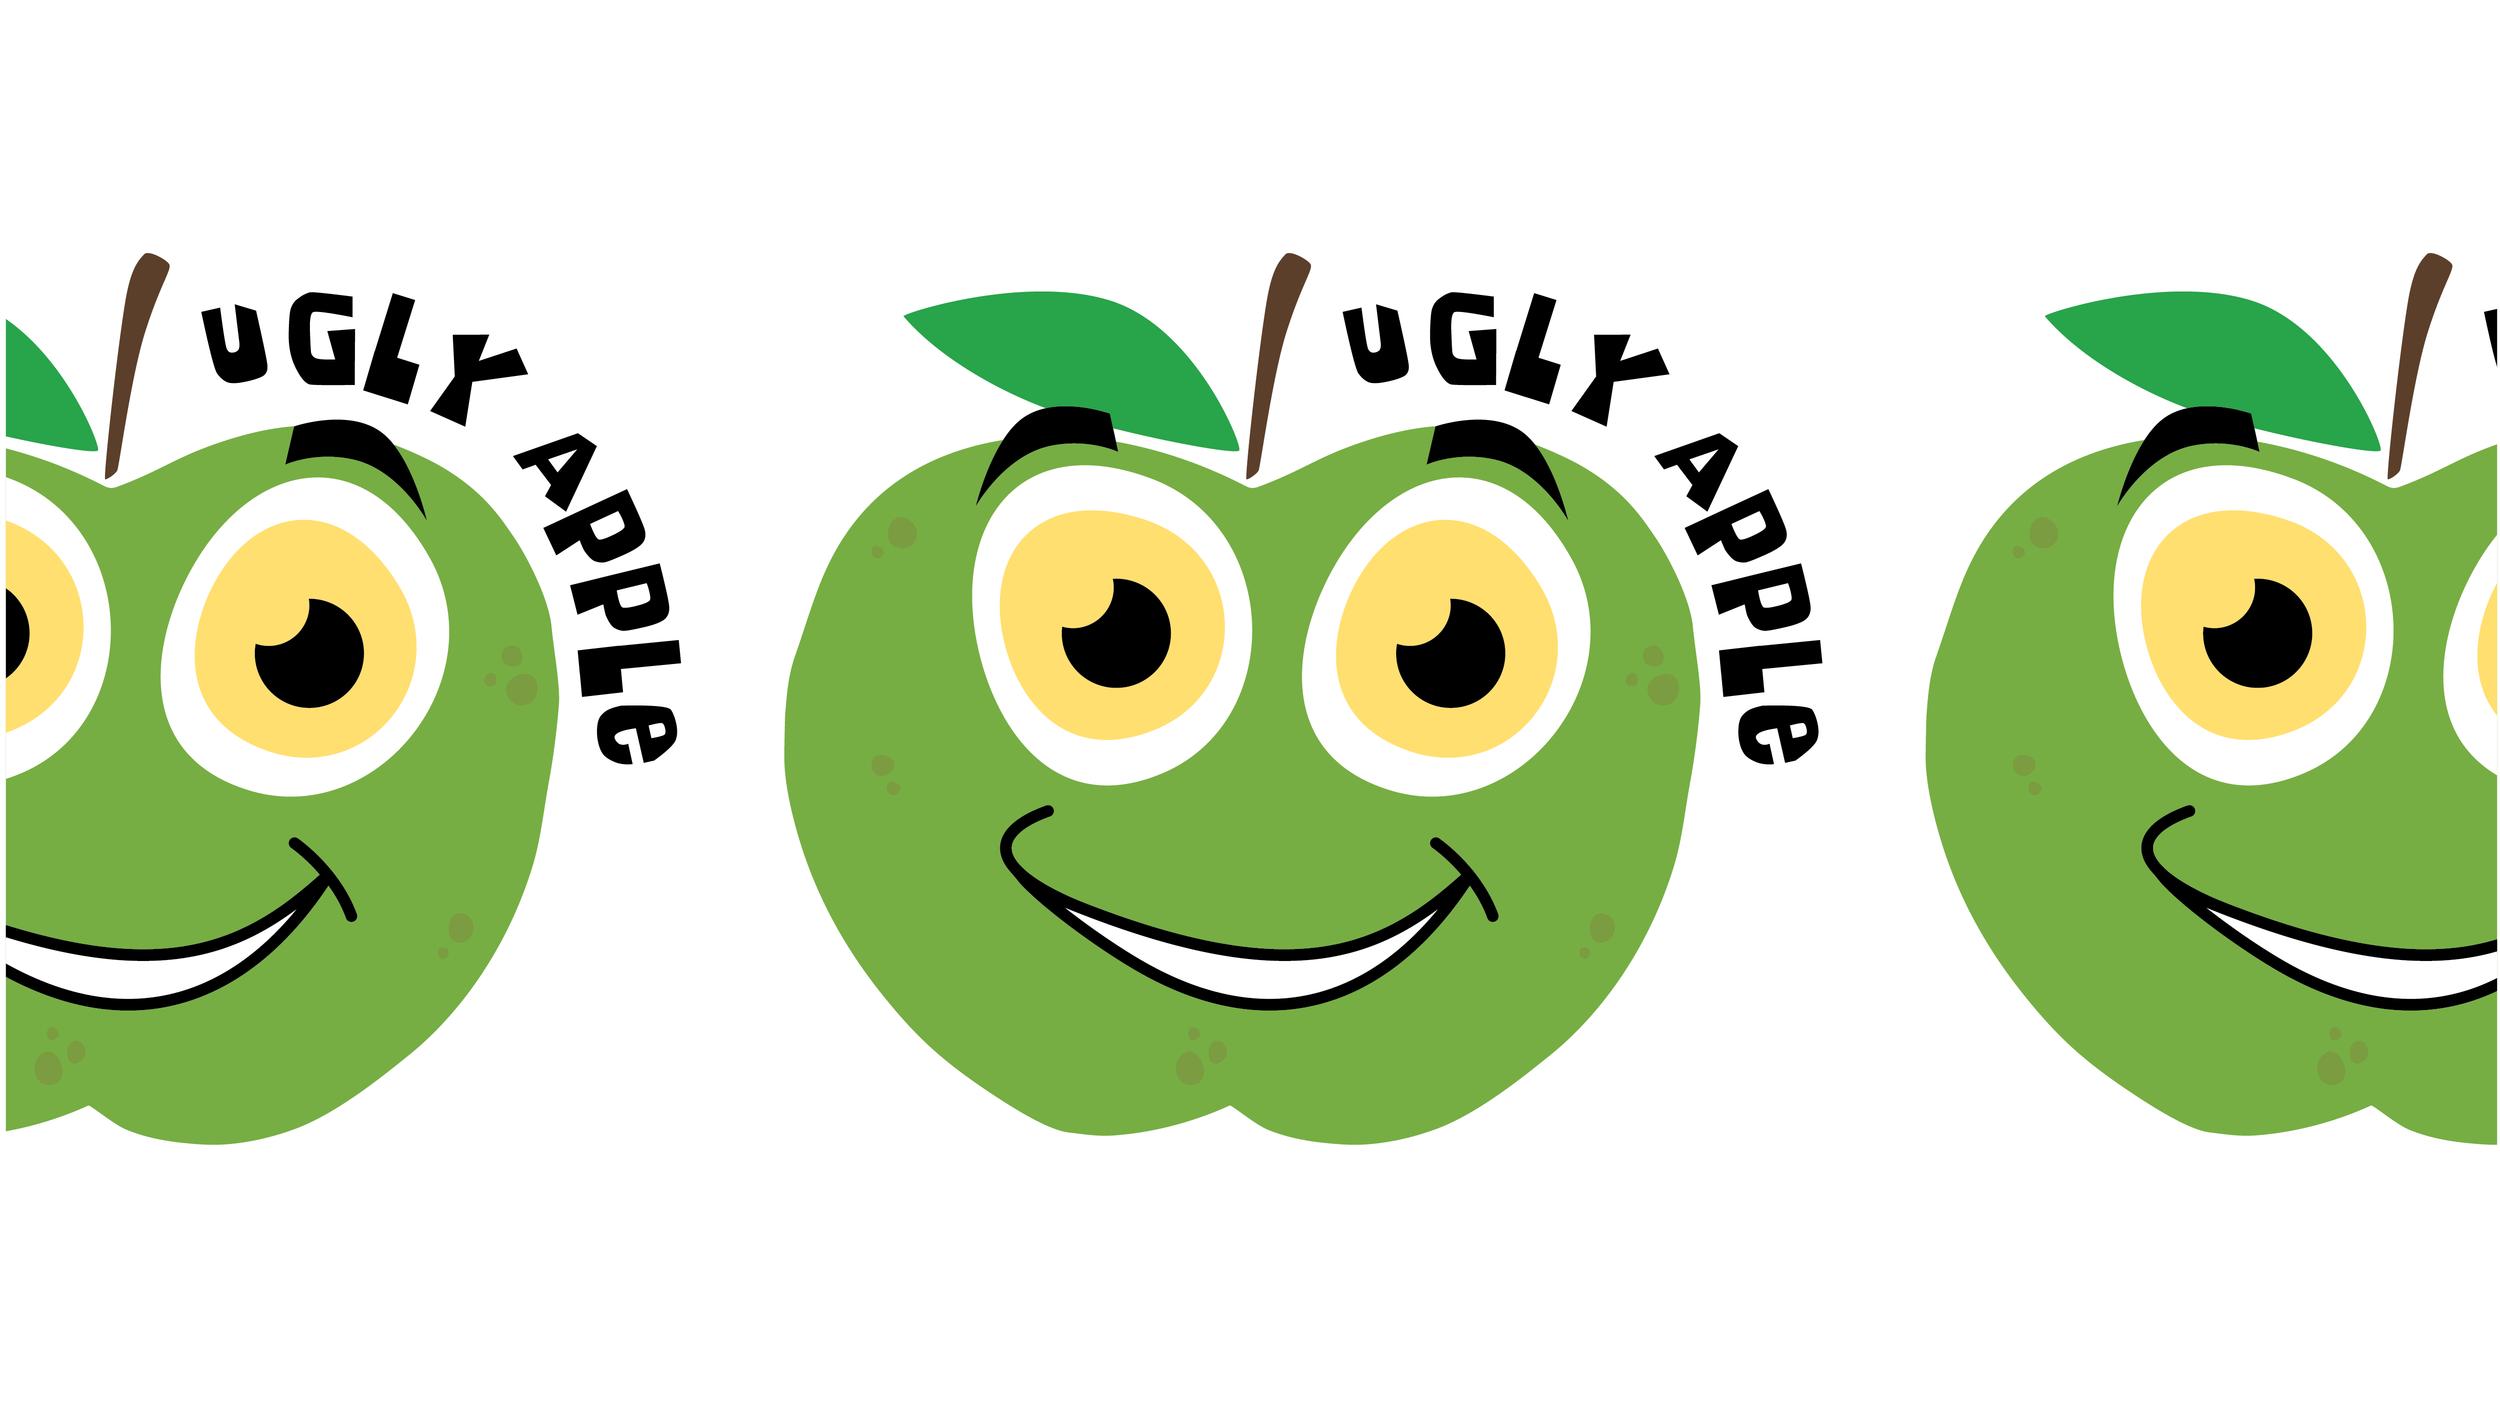 Ugly Apple logo hm bnr.png